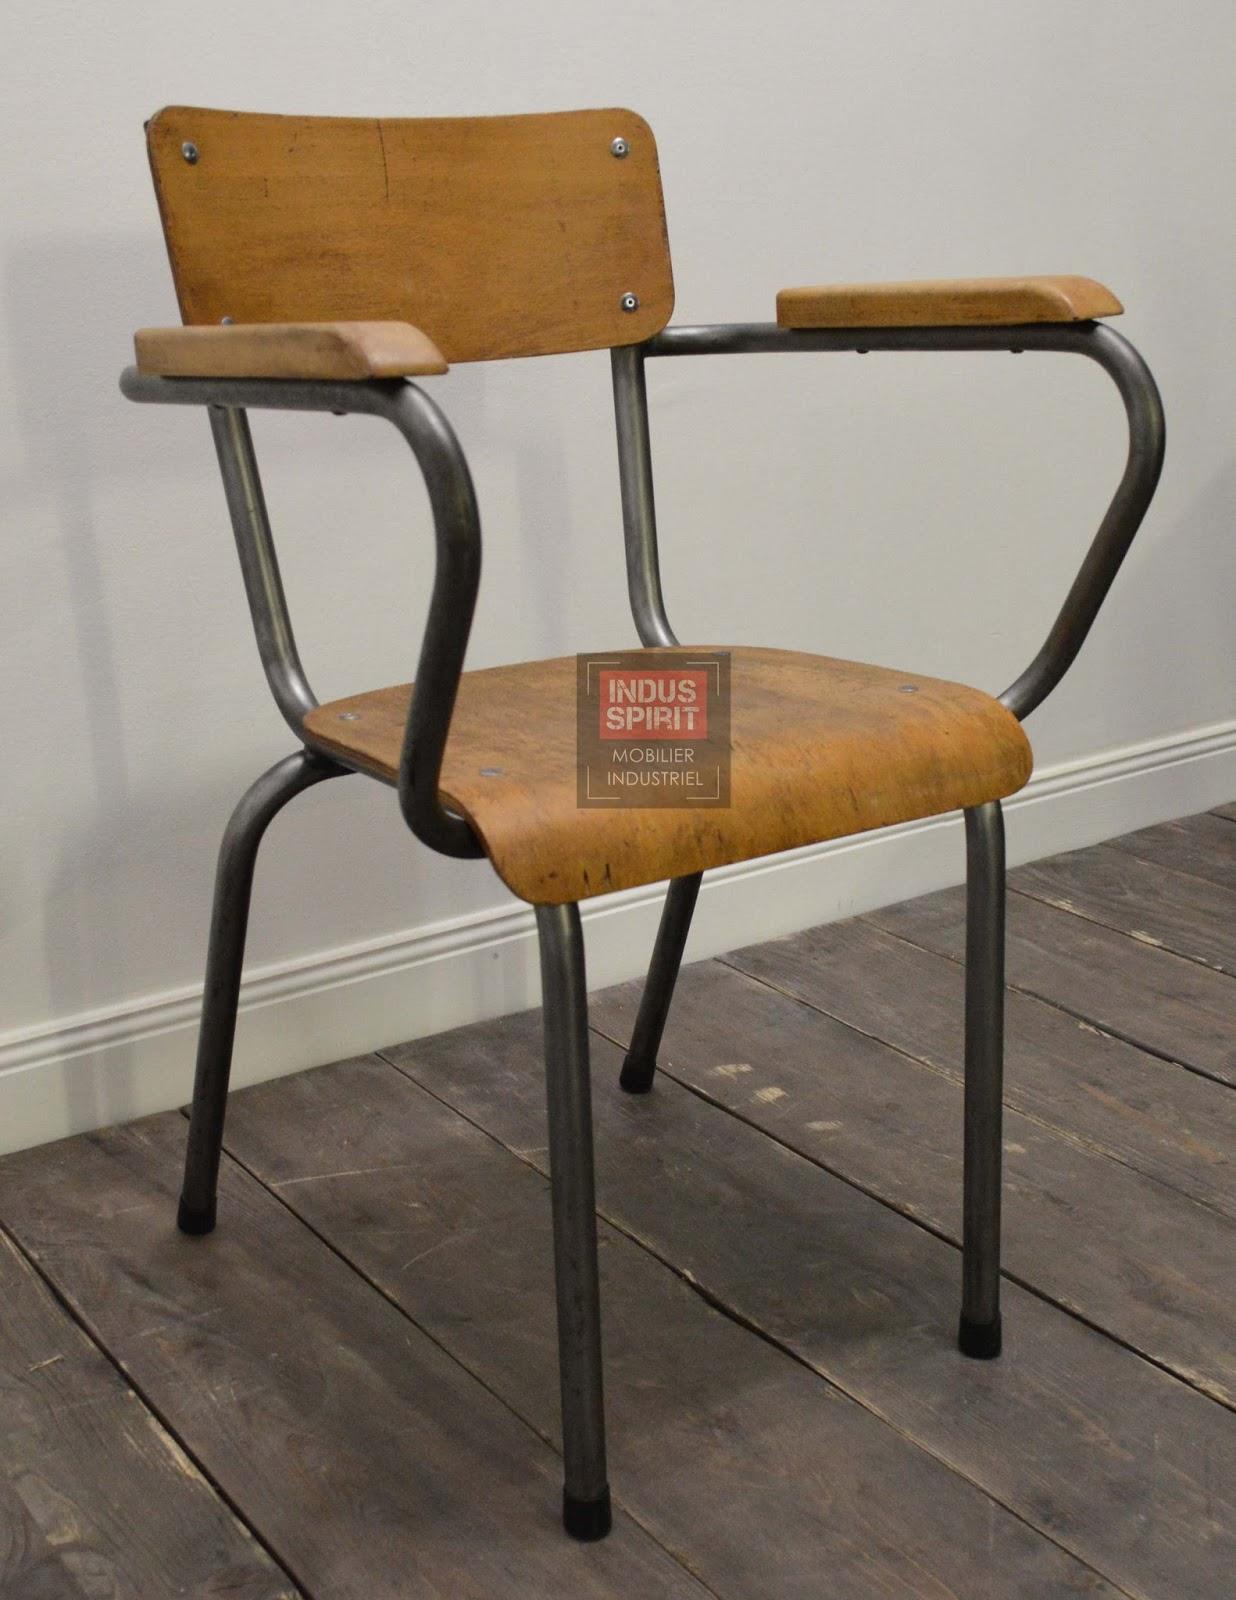 meuble industriel d coration industrielle meuble de m tier lyon boutique indus spirit. Black Bedroom Furniture Sets. Home Design Ideas